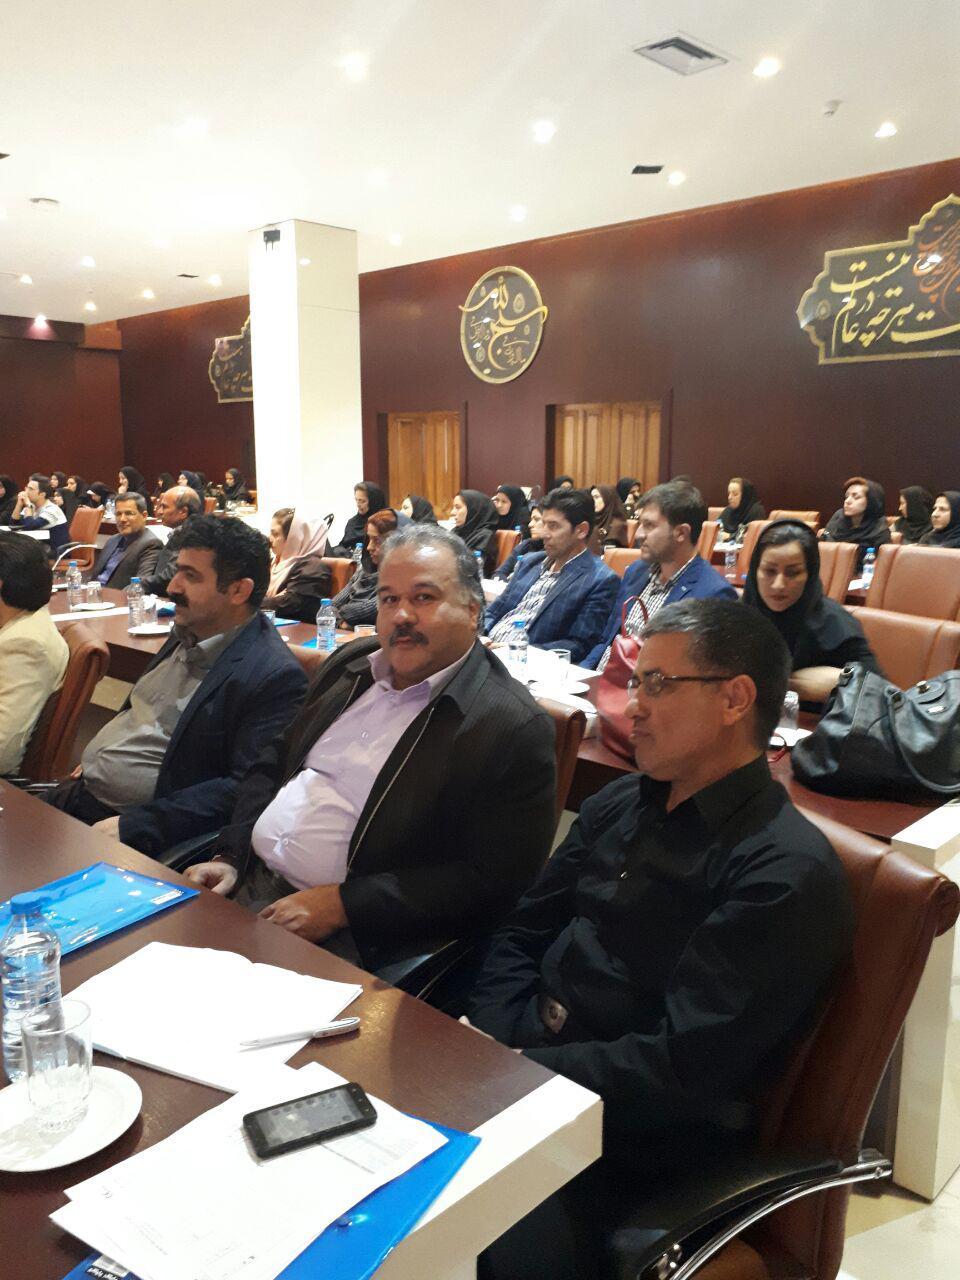 برگزاری سمینار آموزش پرستاری دستگاه های دیالیز  4008s Classic فرزنیوس در مشهد 2